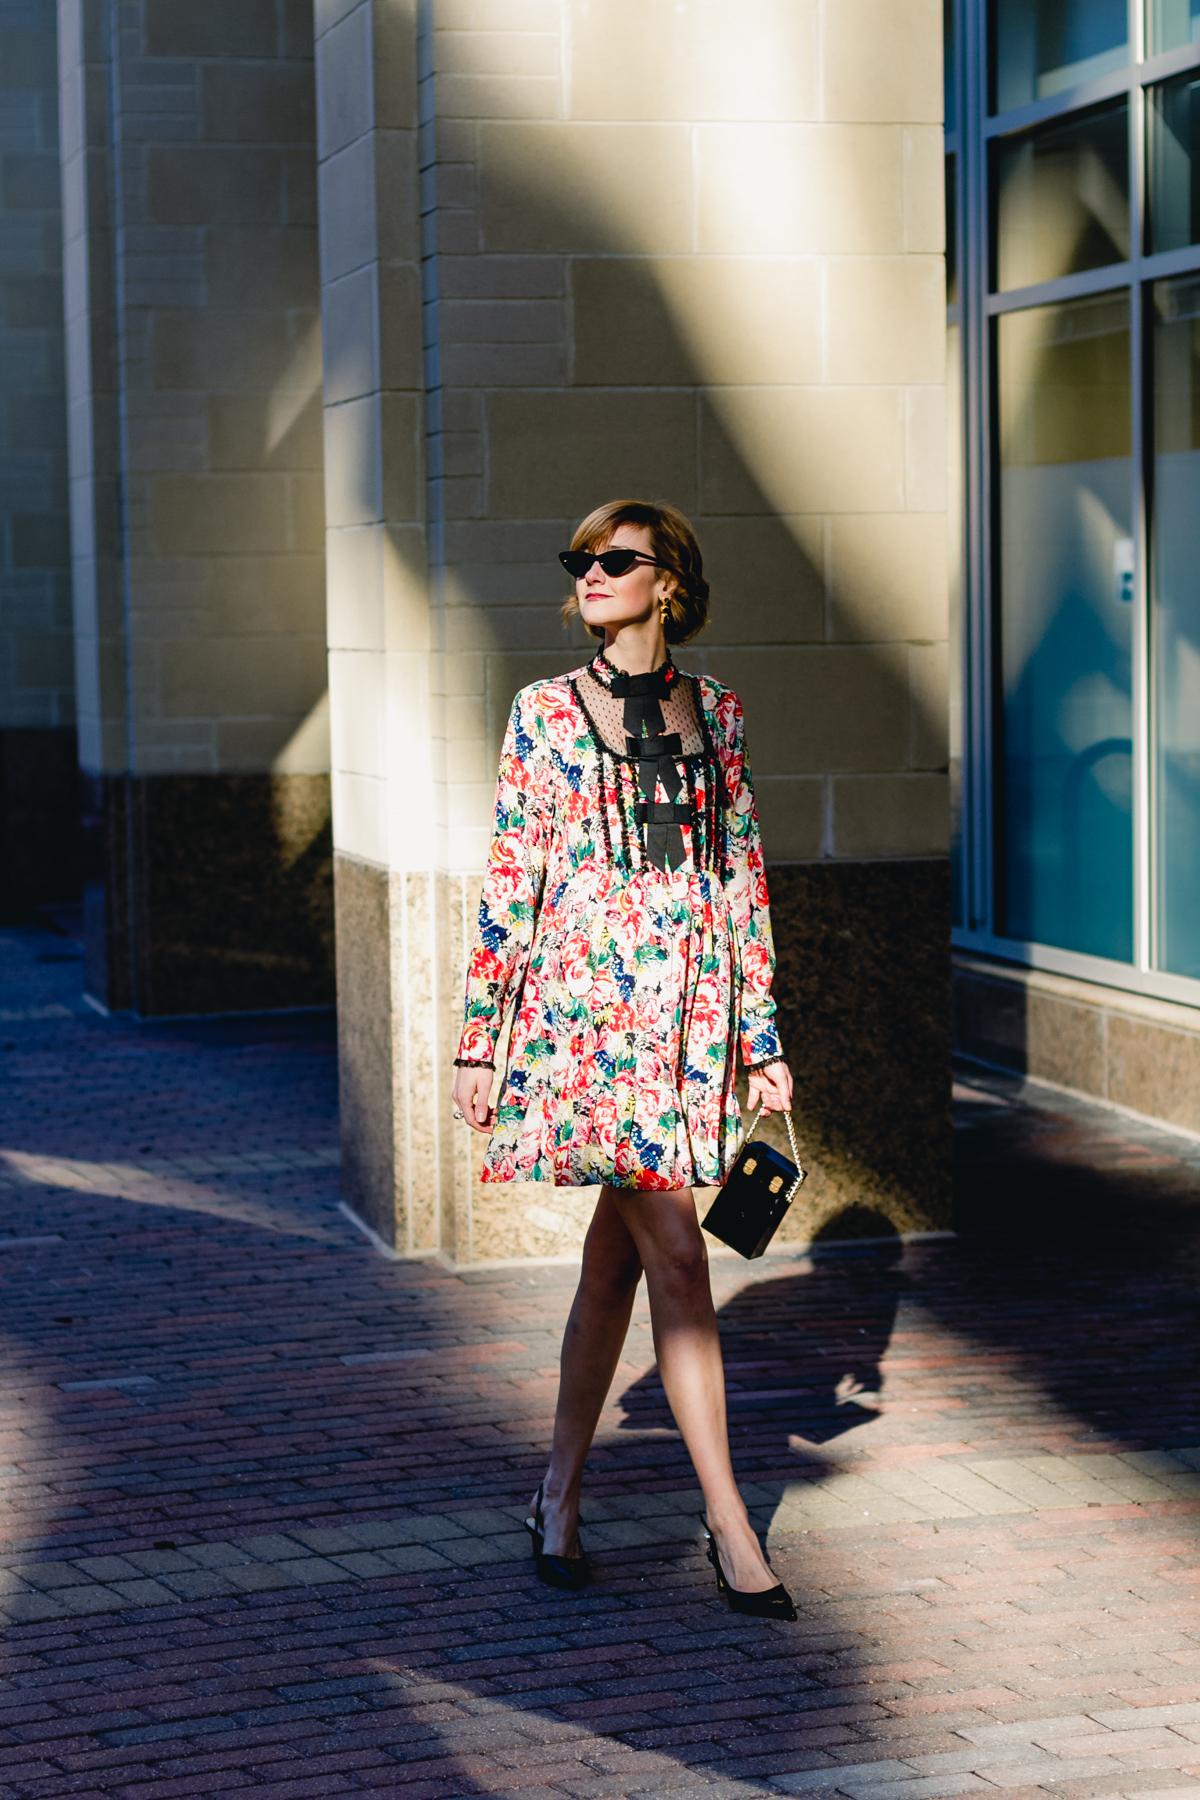 Ganni dress, Zara pumps, and vintage bag